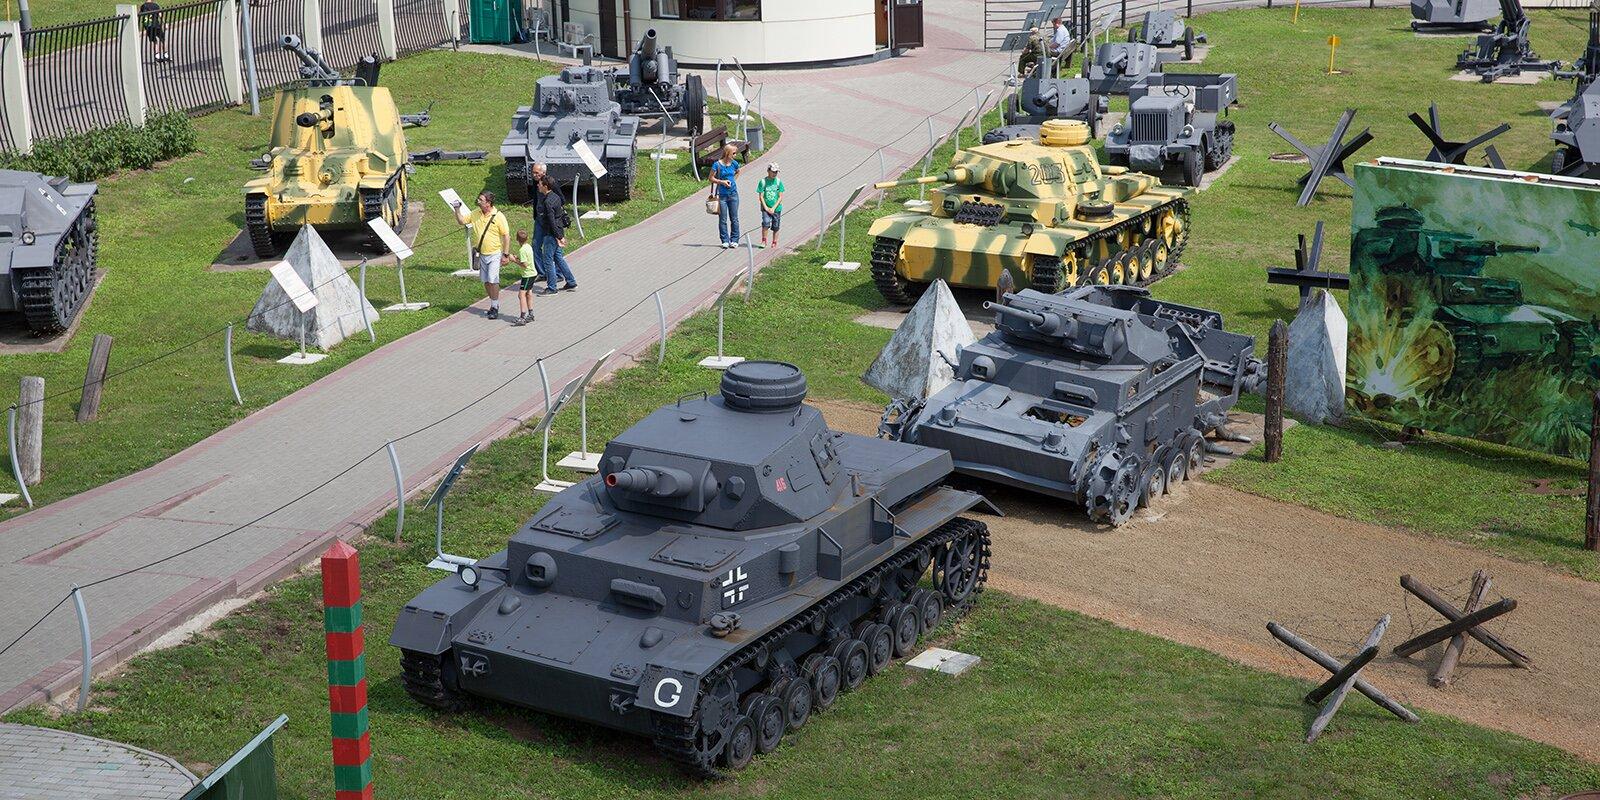 Военную технику представили в музеях Москвы